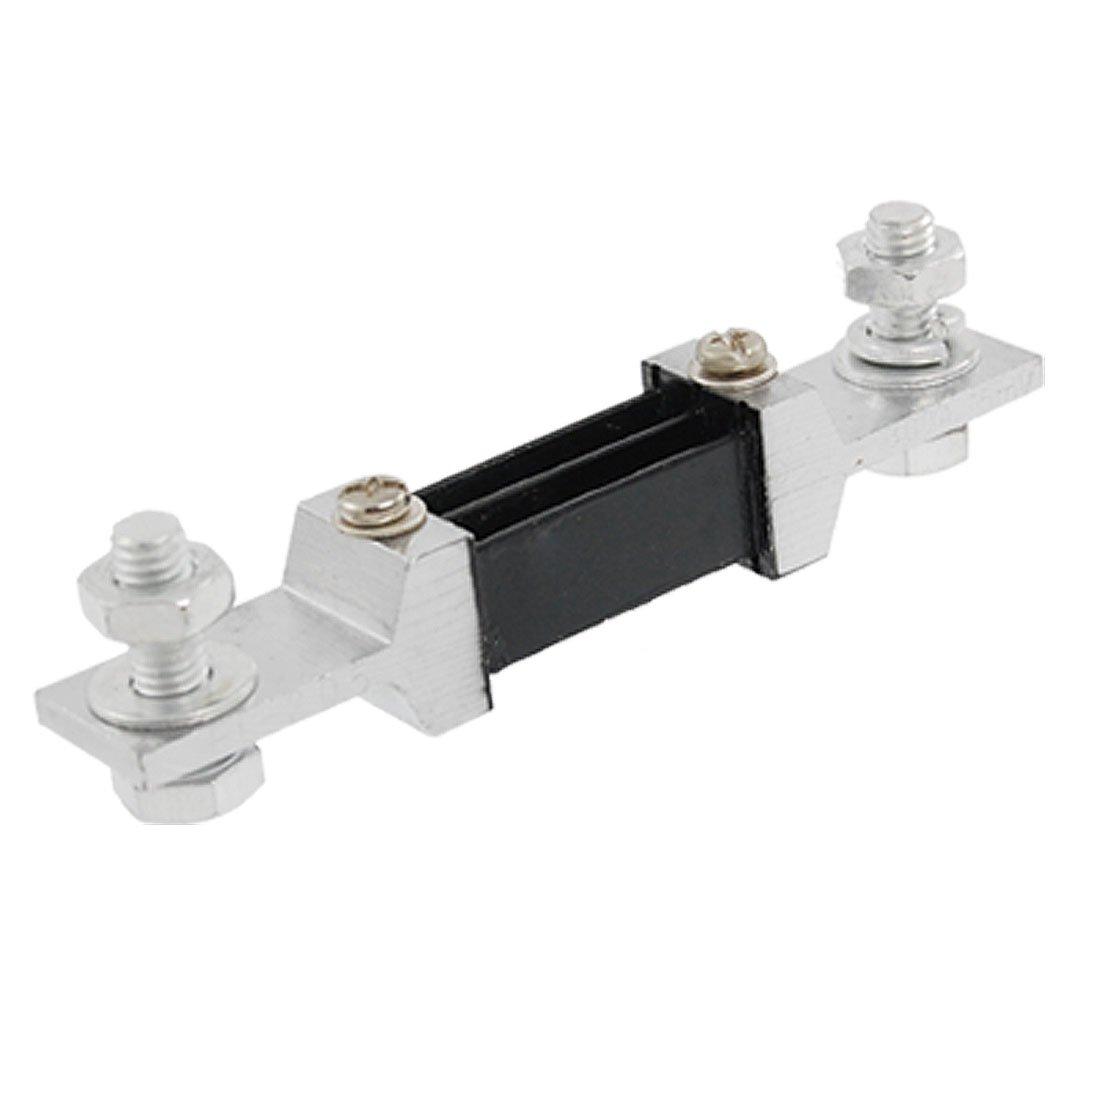 Amp Ammeter DC 300A 75mV Current Measure Shunt Resistor